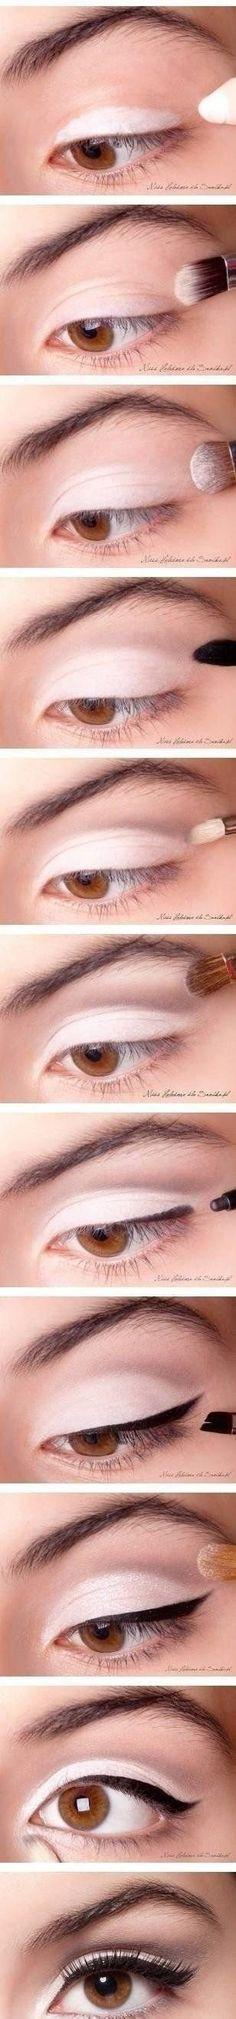 Rozświetlający make up oczu z kreską- krok po kroku!!!